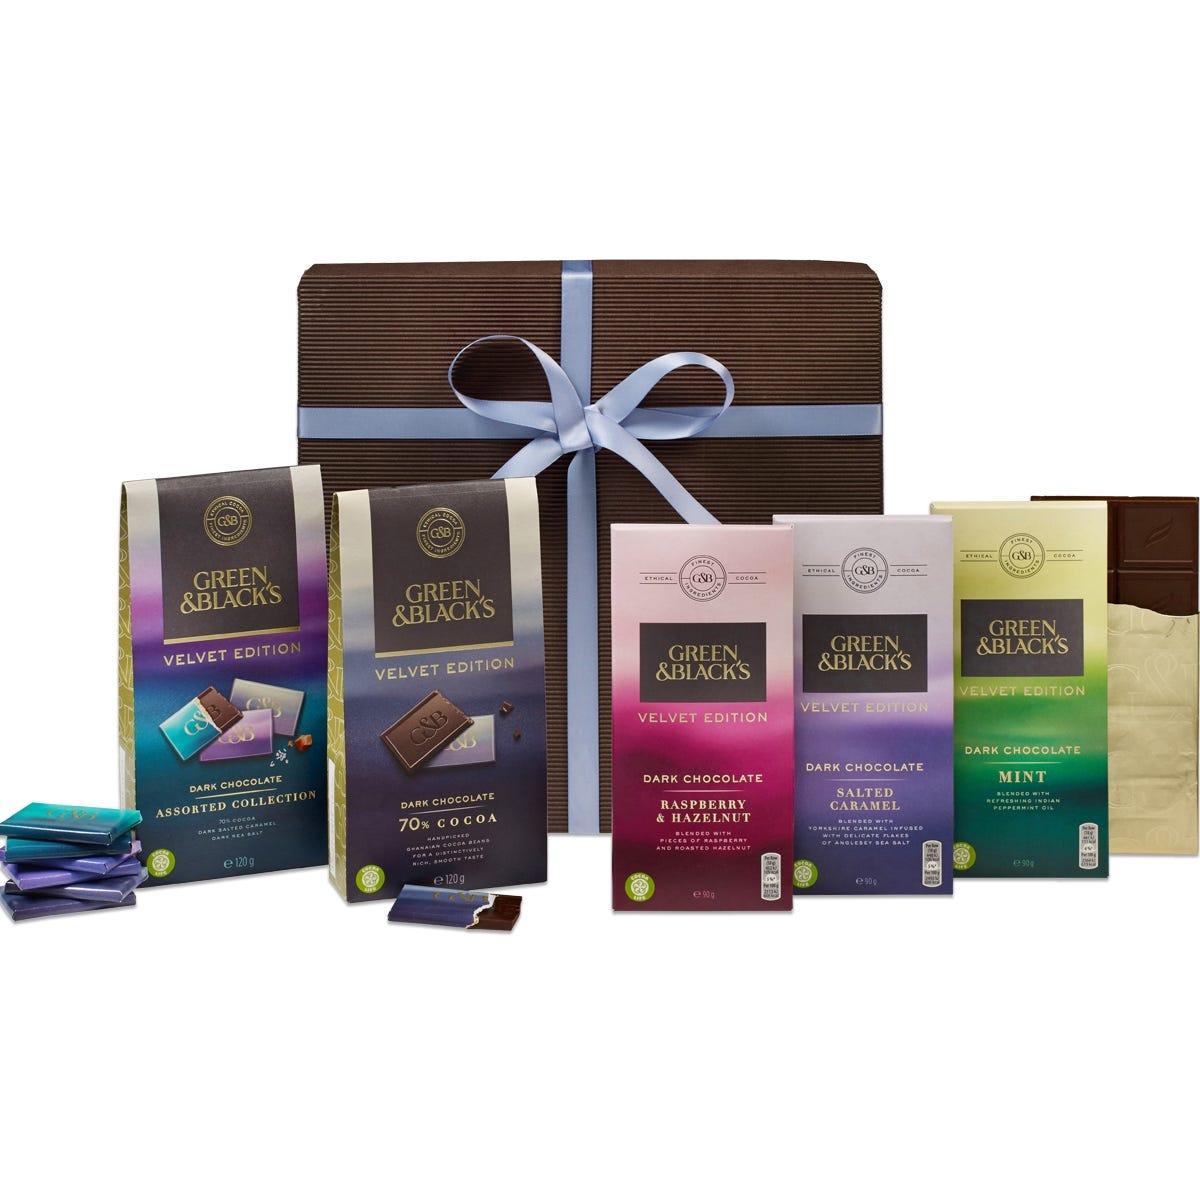 G&B's Velvet Edition Dark Chocolate Gift- Med